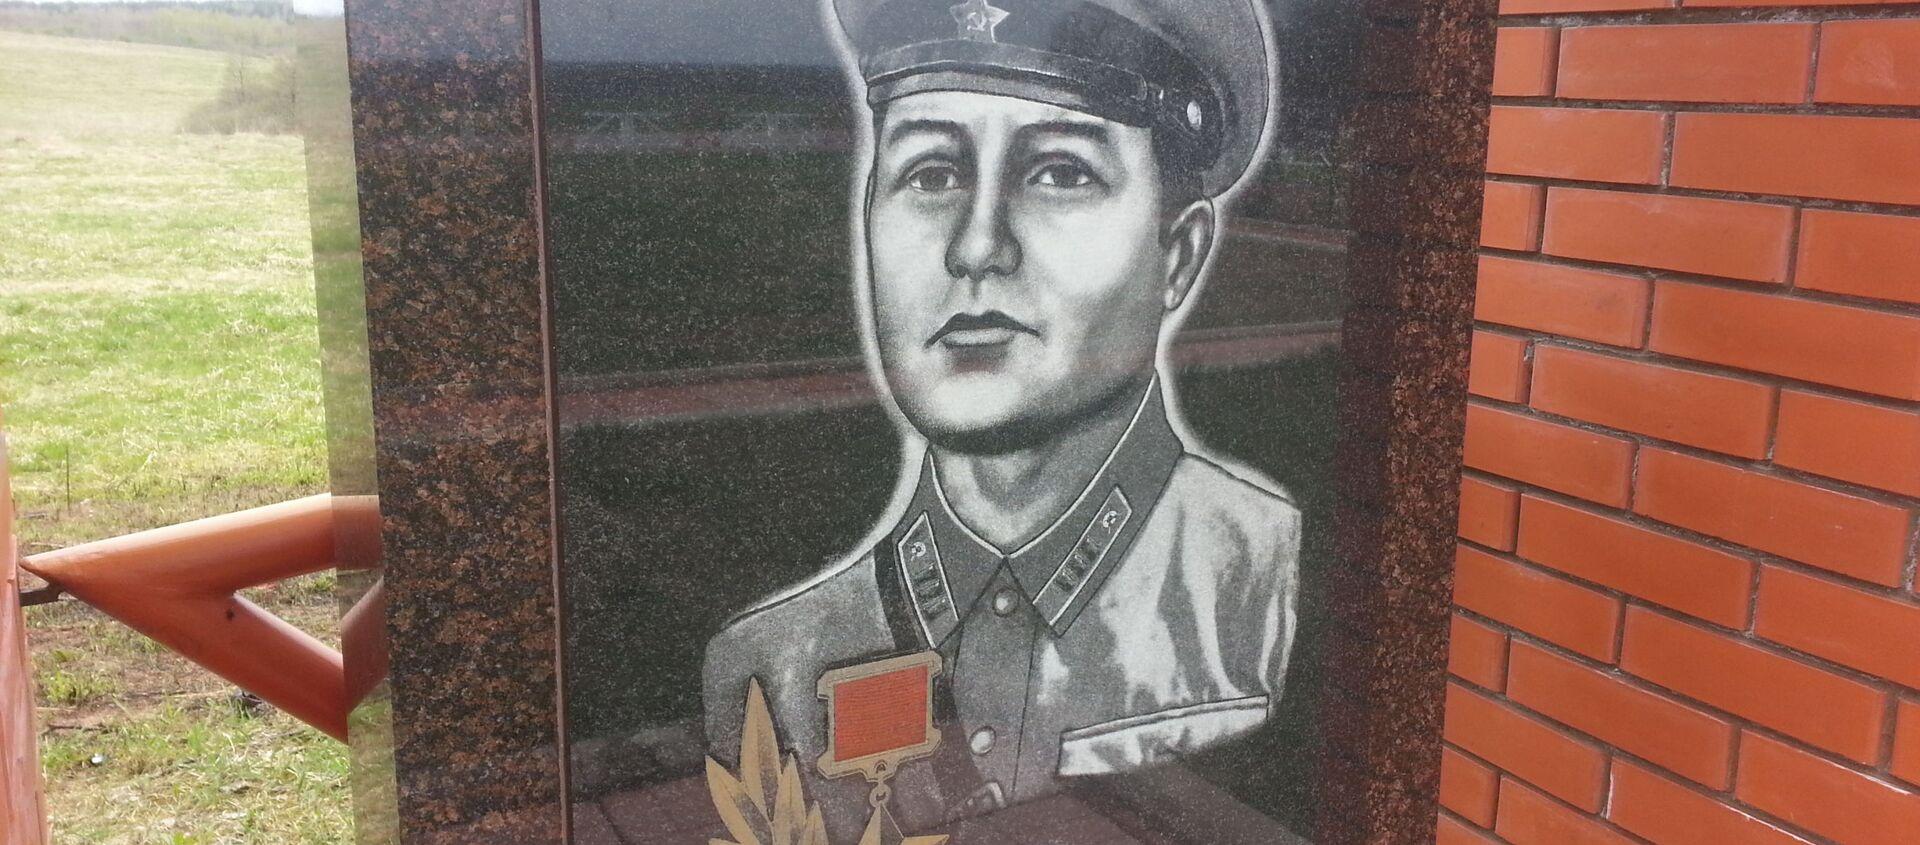 Памятник Яну Райнбергу на мемориале в деревне Монаково - Sputnik Latvija, 1920, 16.05.2020